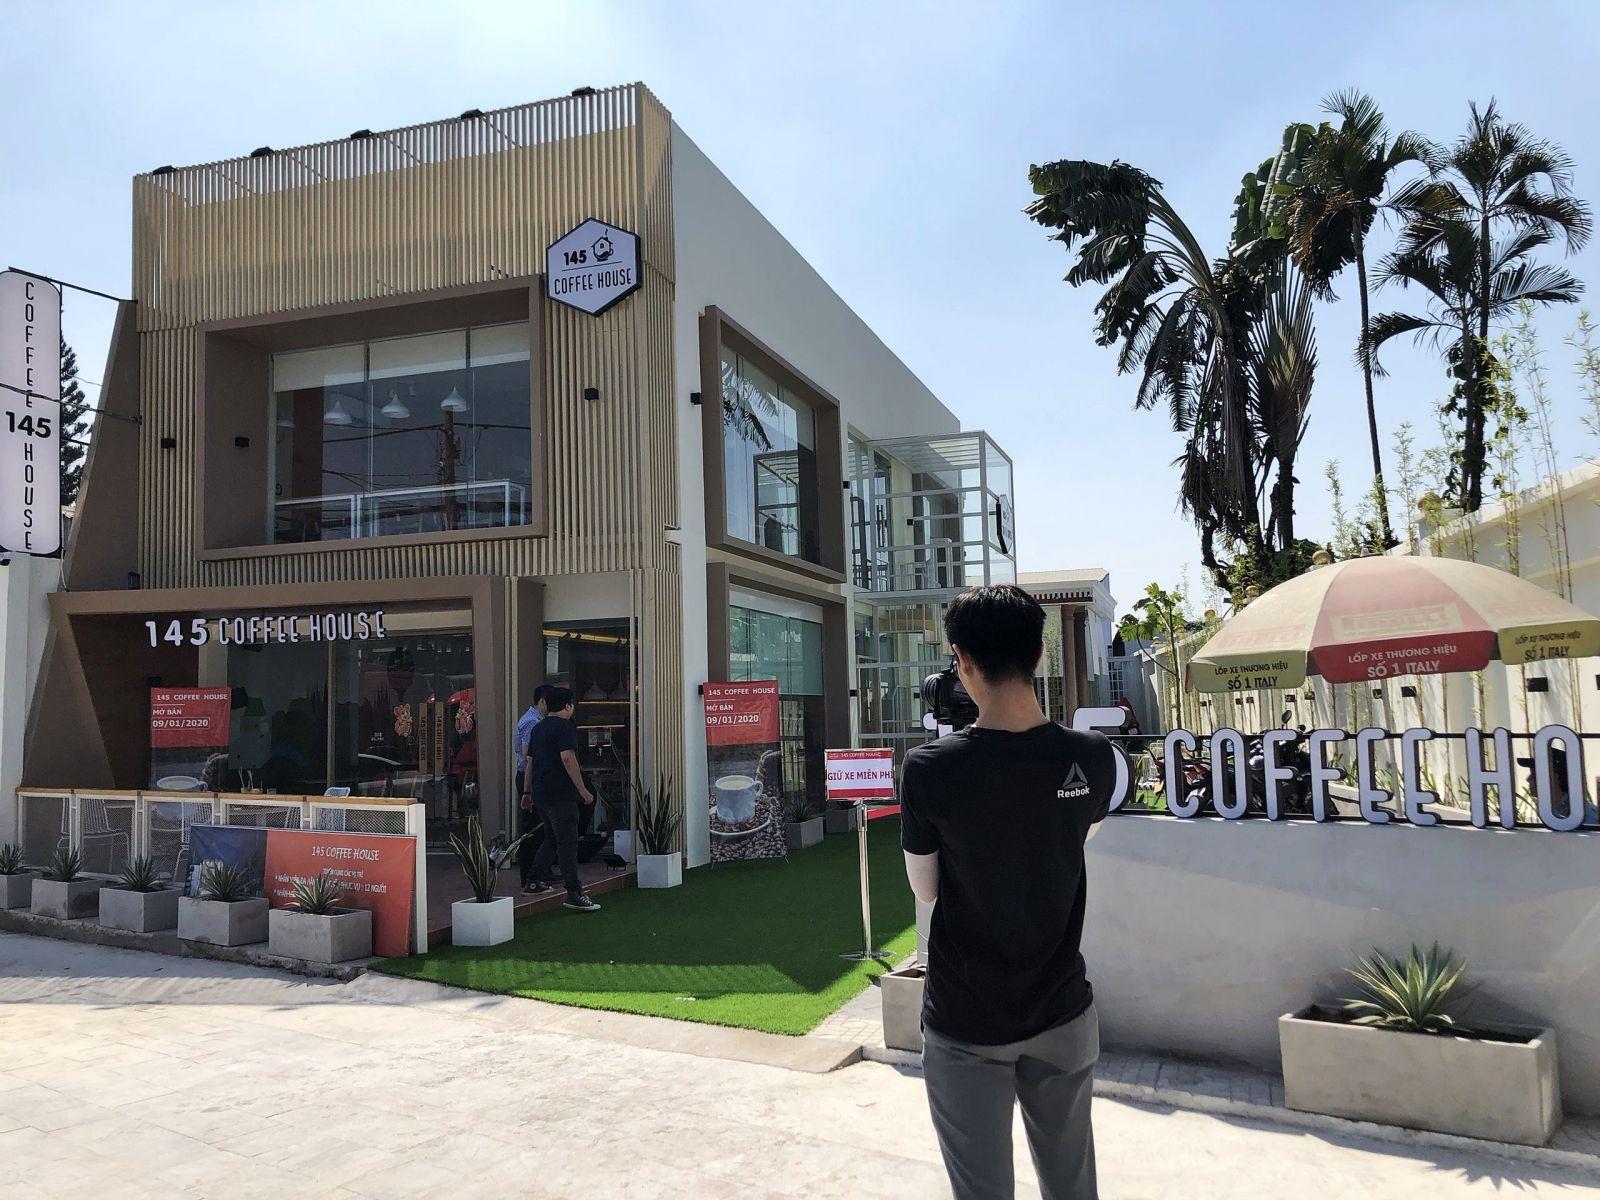 hình ảnh thực tế dự án 145 coffee house